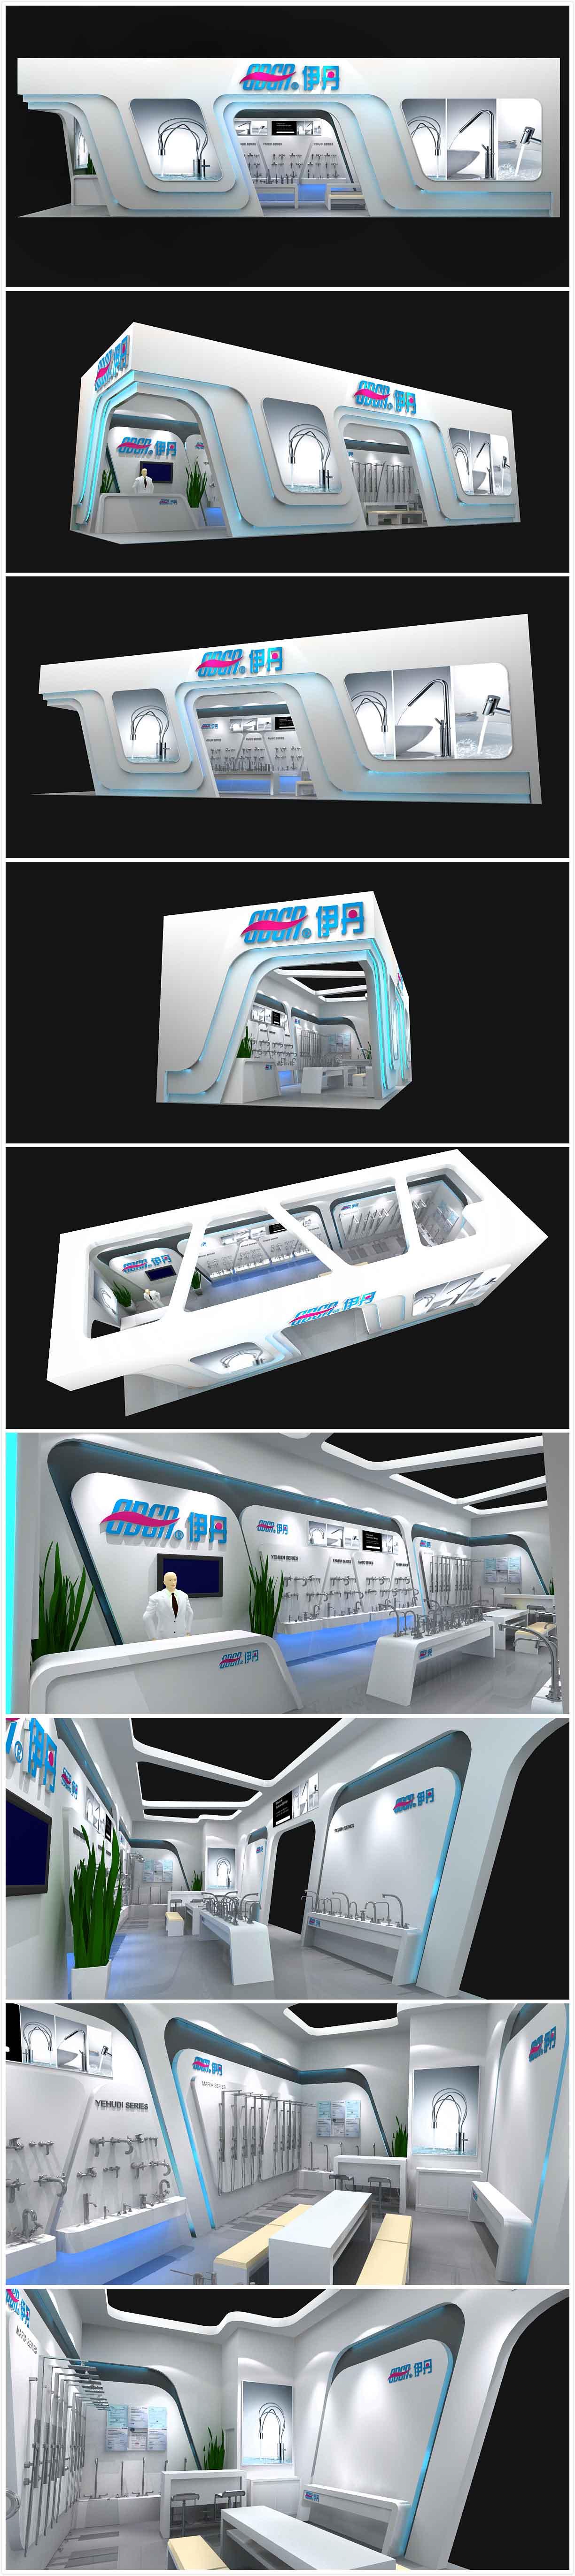 伊丹卫浴展台设计案例